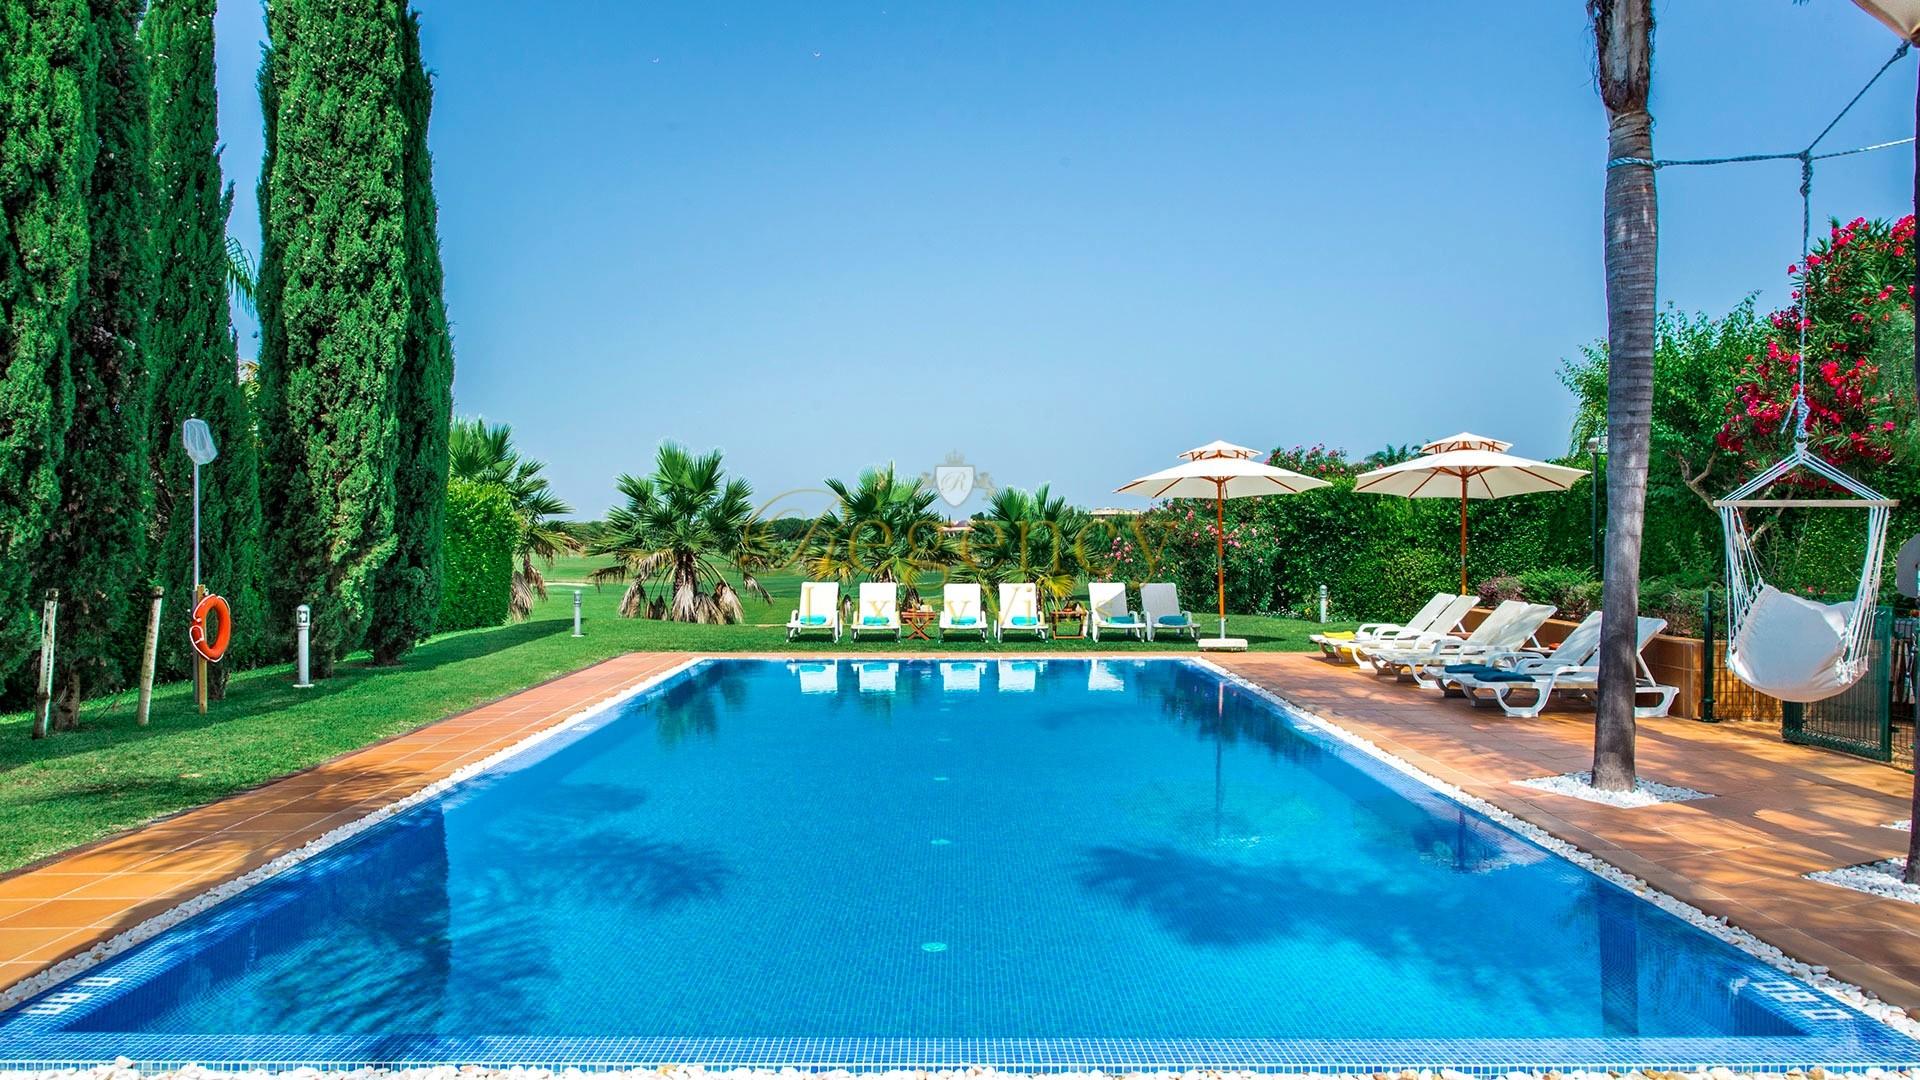 Luxury Villa To Rent With 6 Bedrooms In Laguna Golf Algarve